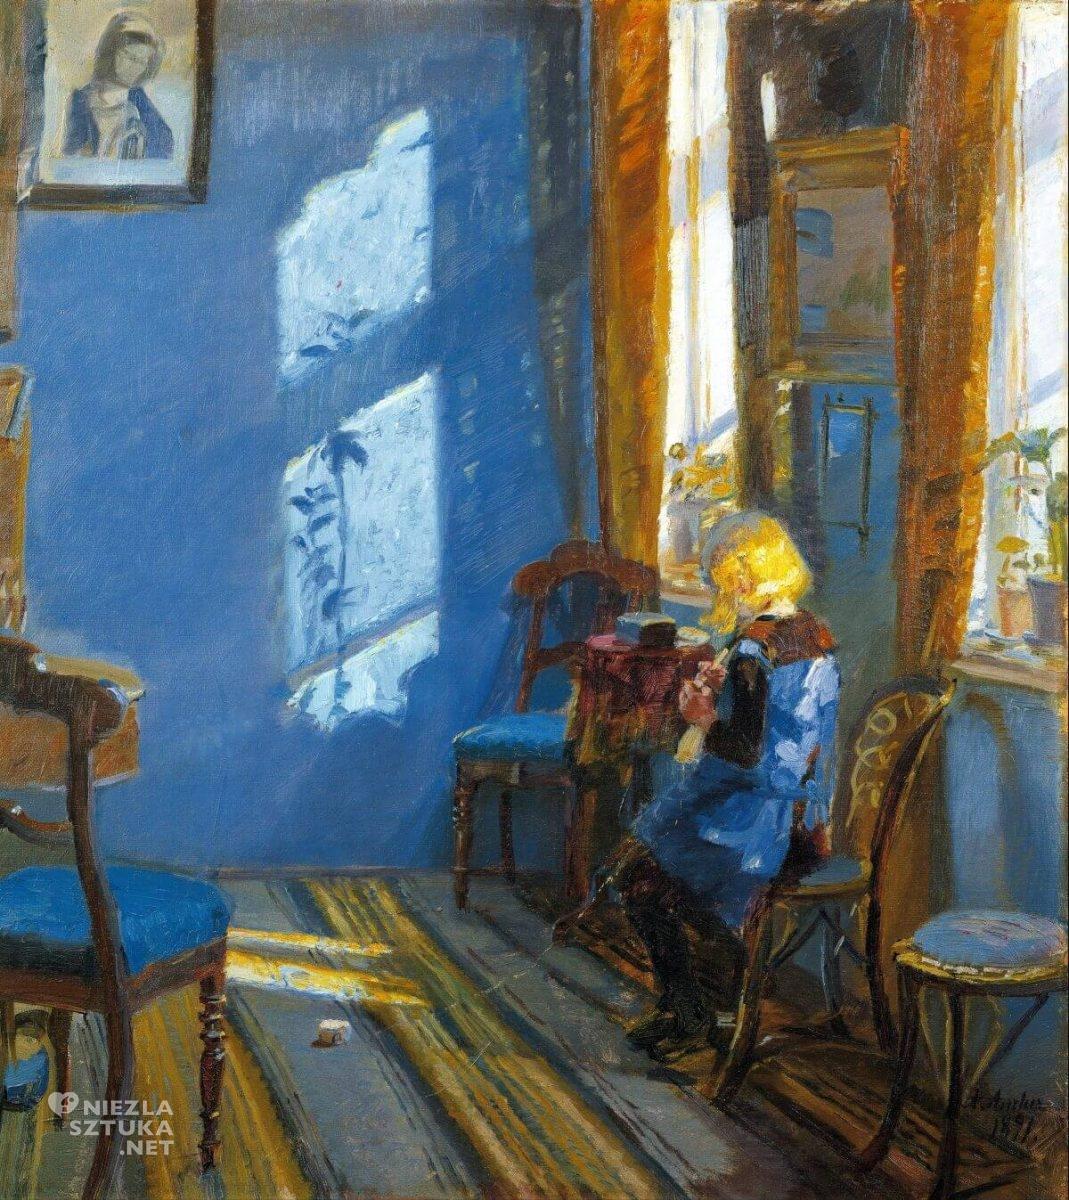 Anna Ancher, Światło słoneczne w niebieskim pokoju, sztuka skandynawska, Niezła sztuka